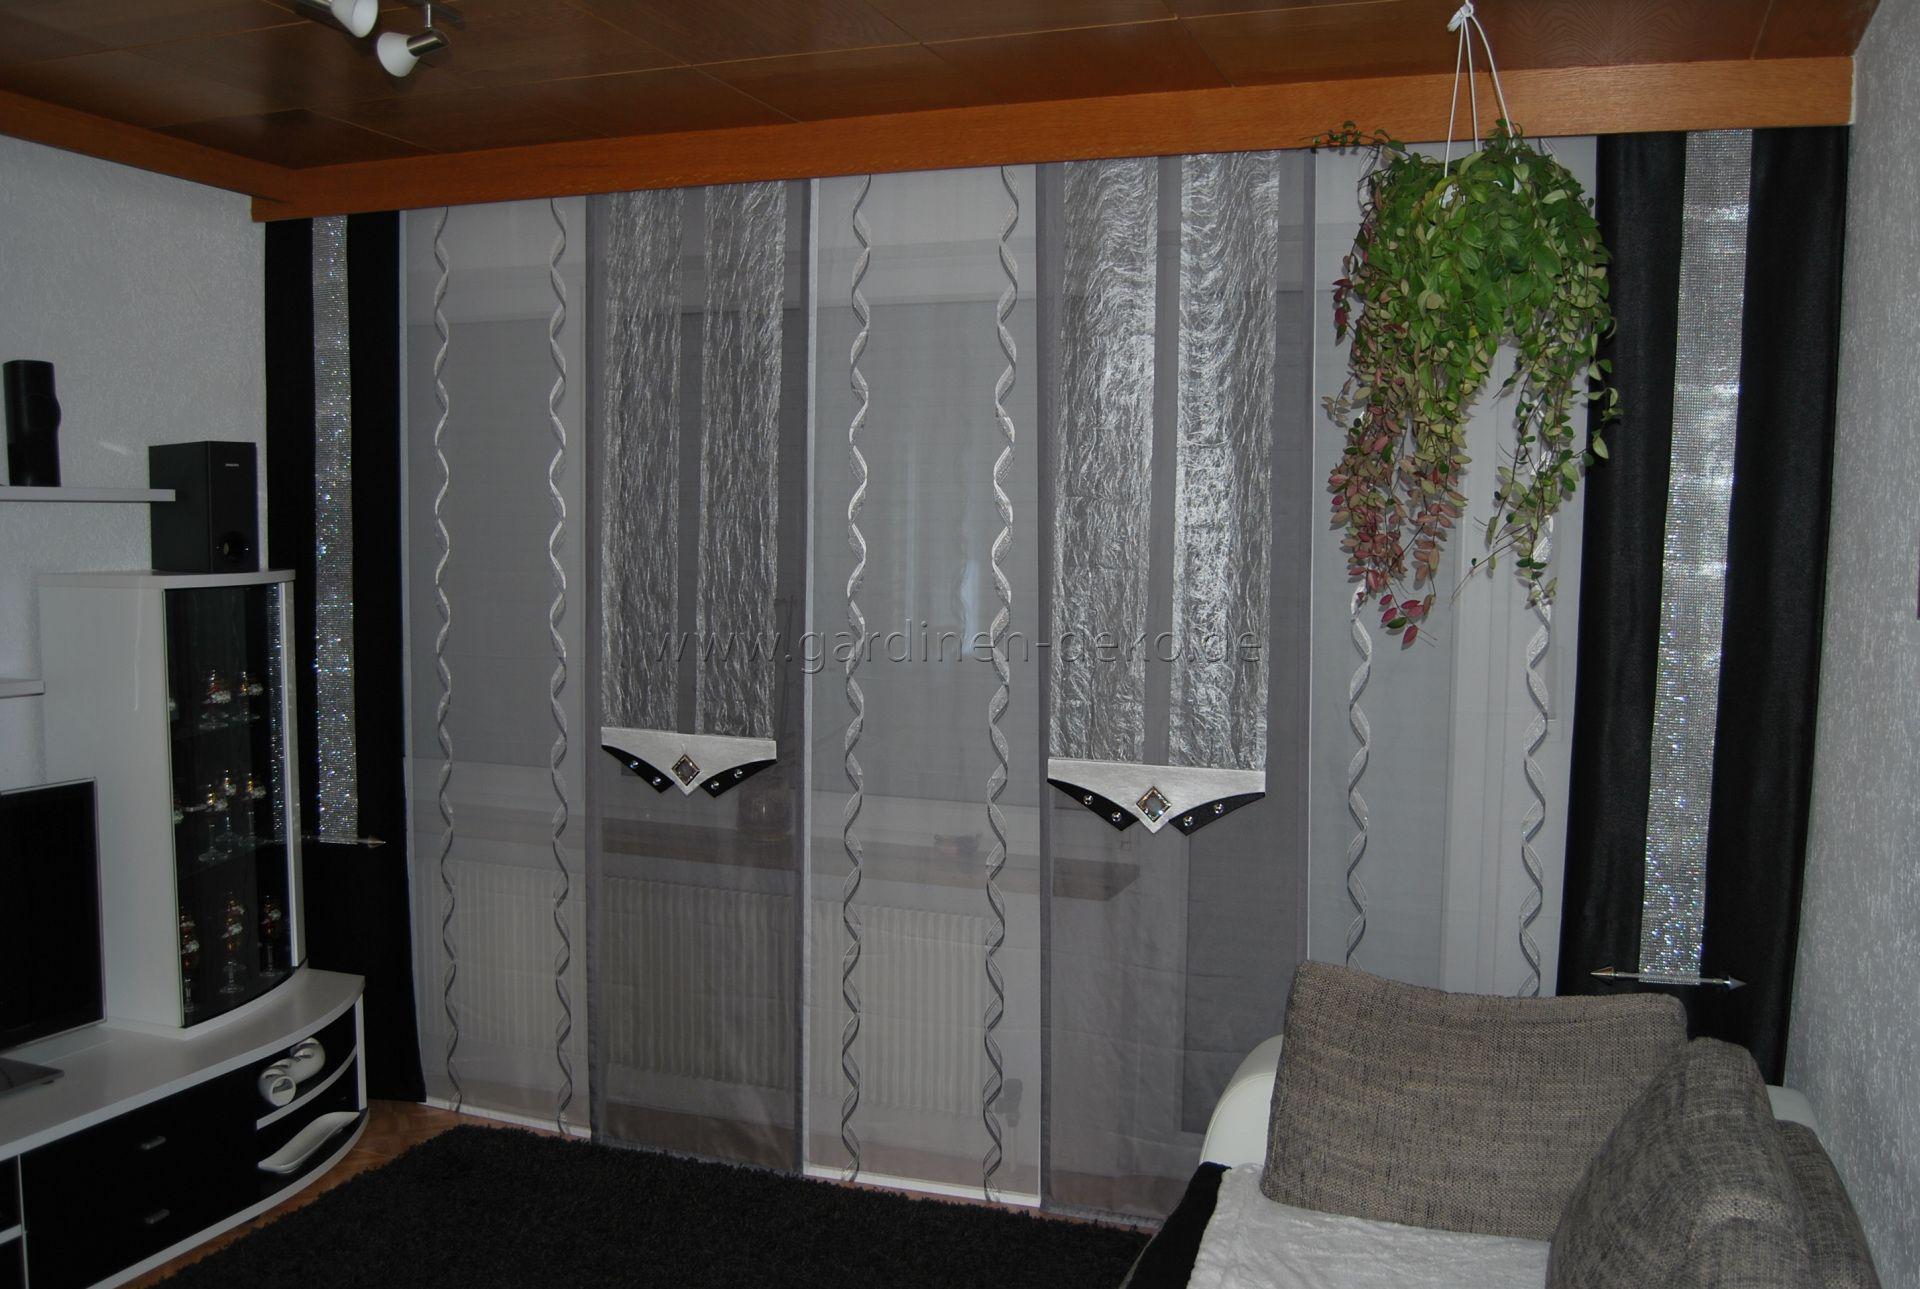 wohnzimmer schiebevorhang in wei silber und grau mit dunklen seitenschals http www. Black Bedroom Furniture Sets. Home Design Ideas